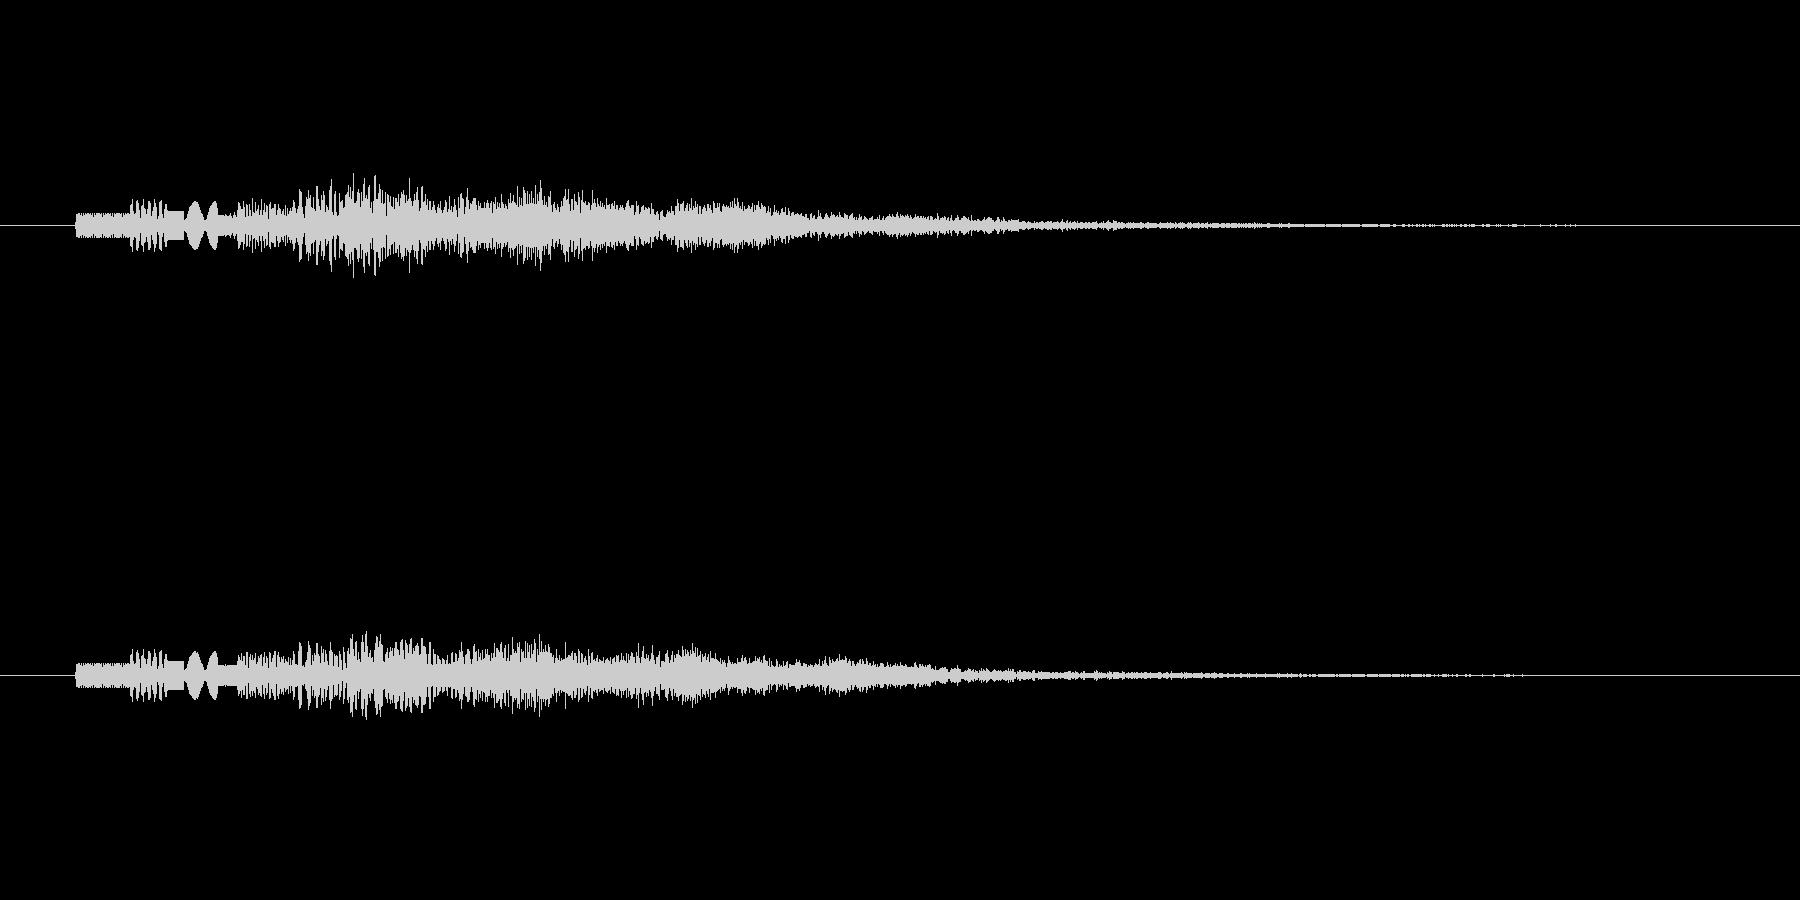 ピロピロピロピロッ↑(PC起動、決定音)の未再生の波形